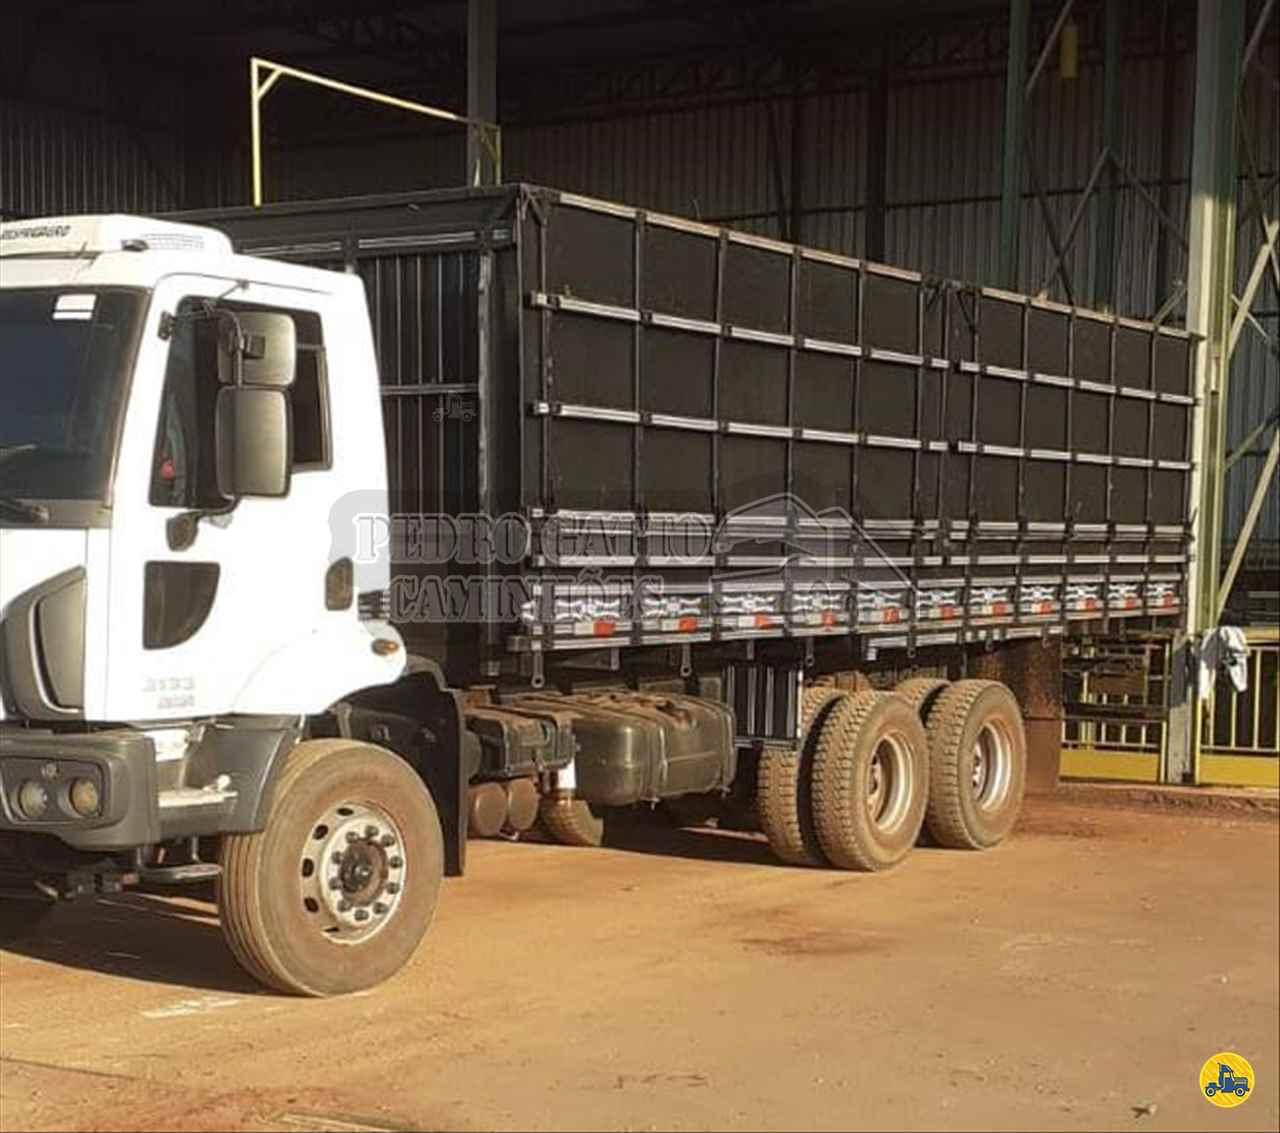 CAMINHAO FORD CARGO 3133 Graneleiro Traçado 6x4 Pedro Gatto Caminhões MARINGA PARANÁ PR